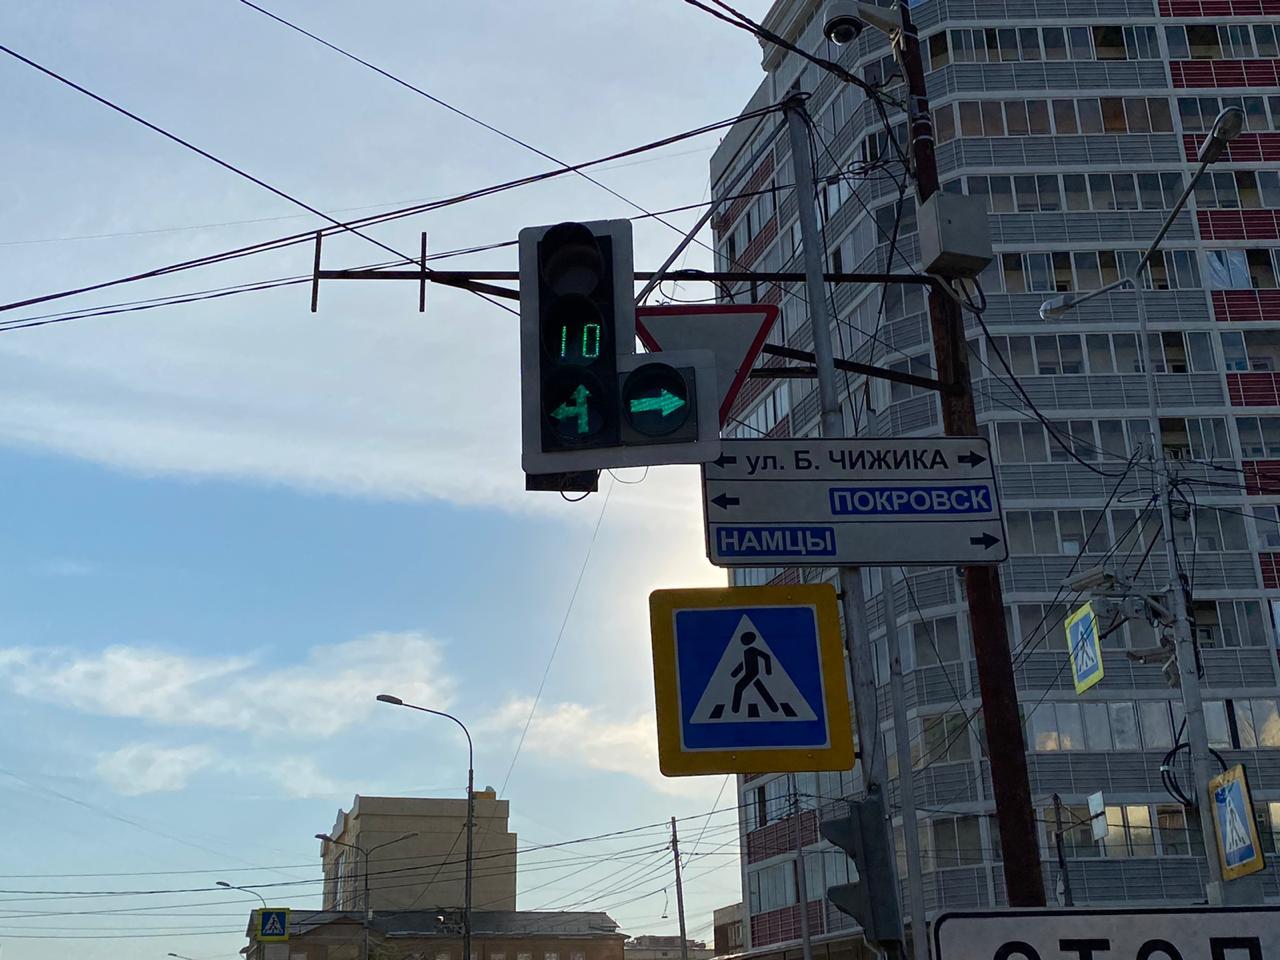 В Якутске вносят изменения в режим работы светофоров в местах концентрации ДТП